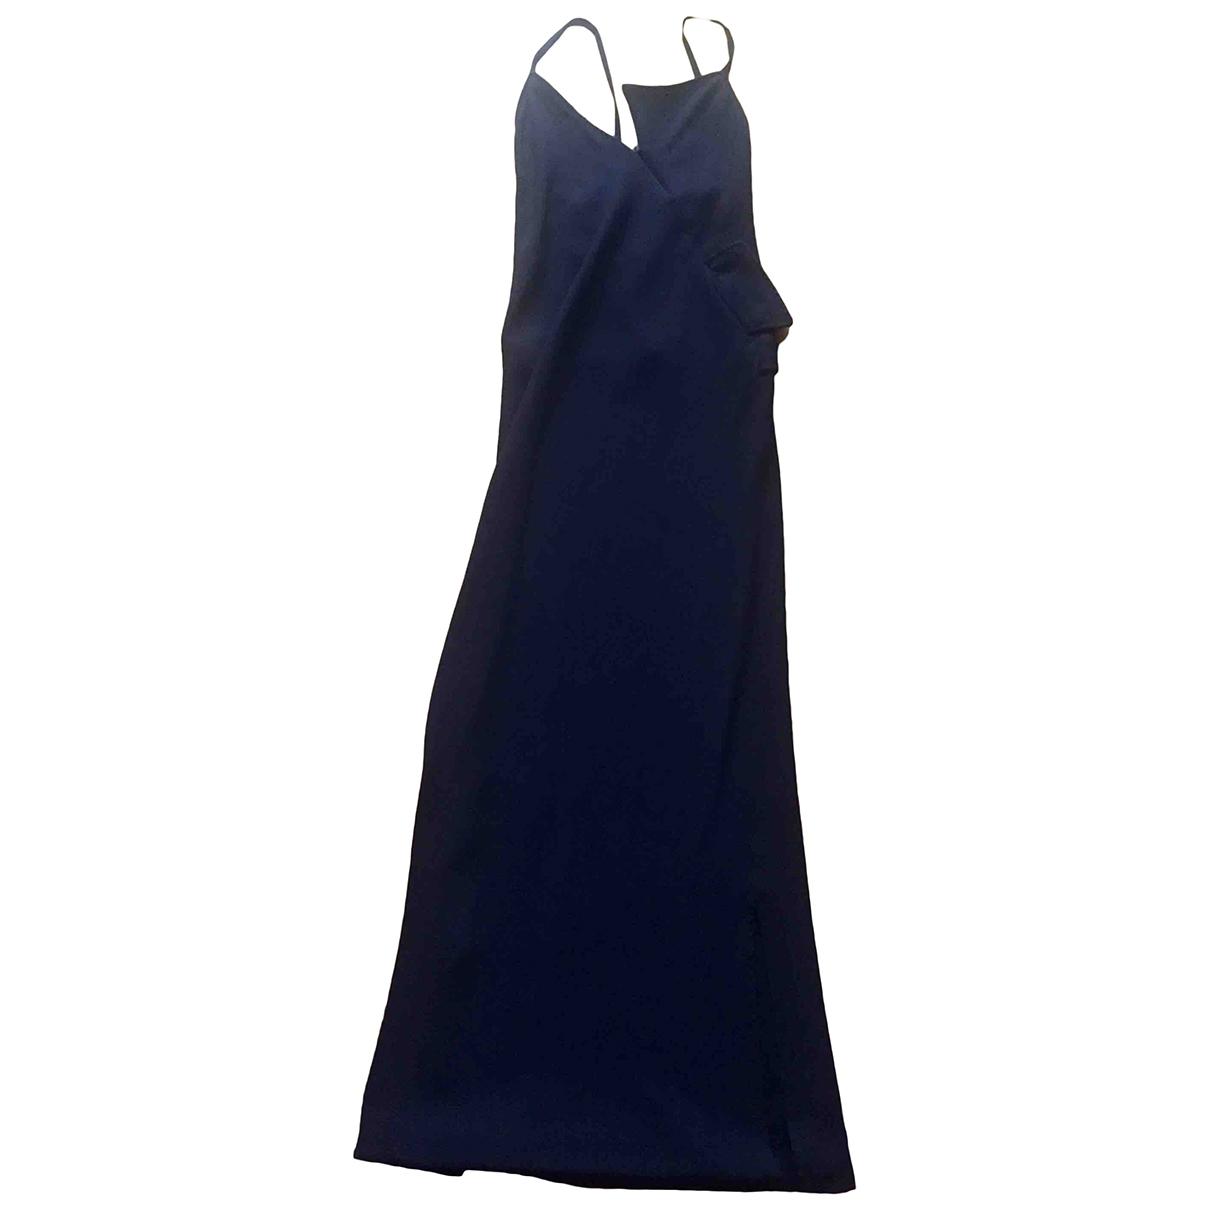 Maison Martin Margiela \N Kleid in  Blau Viskose